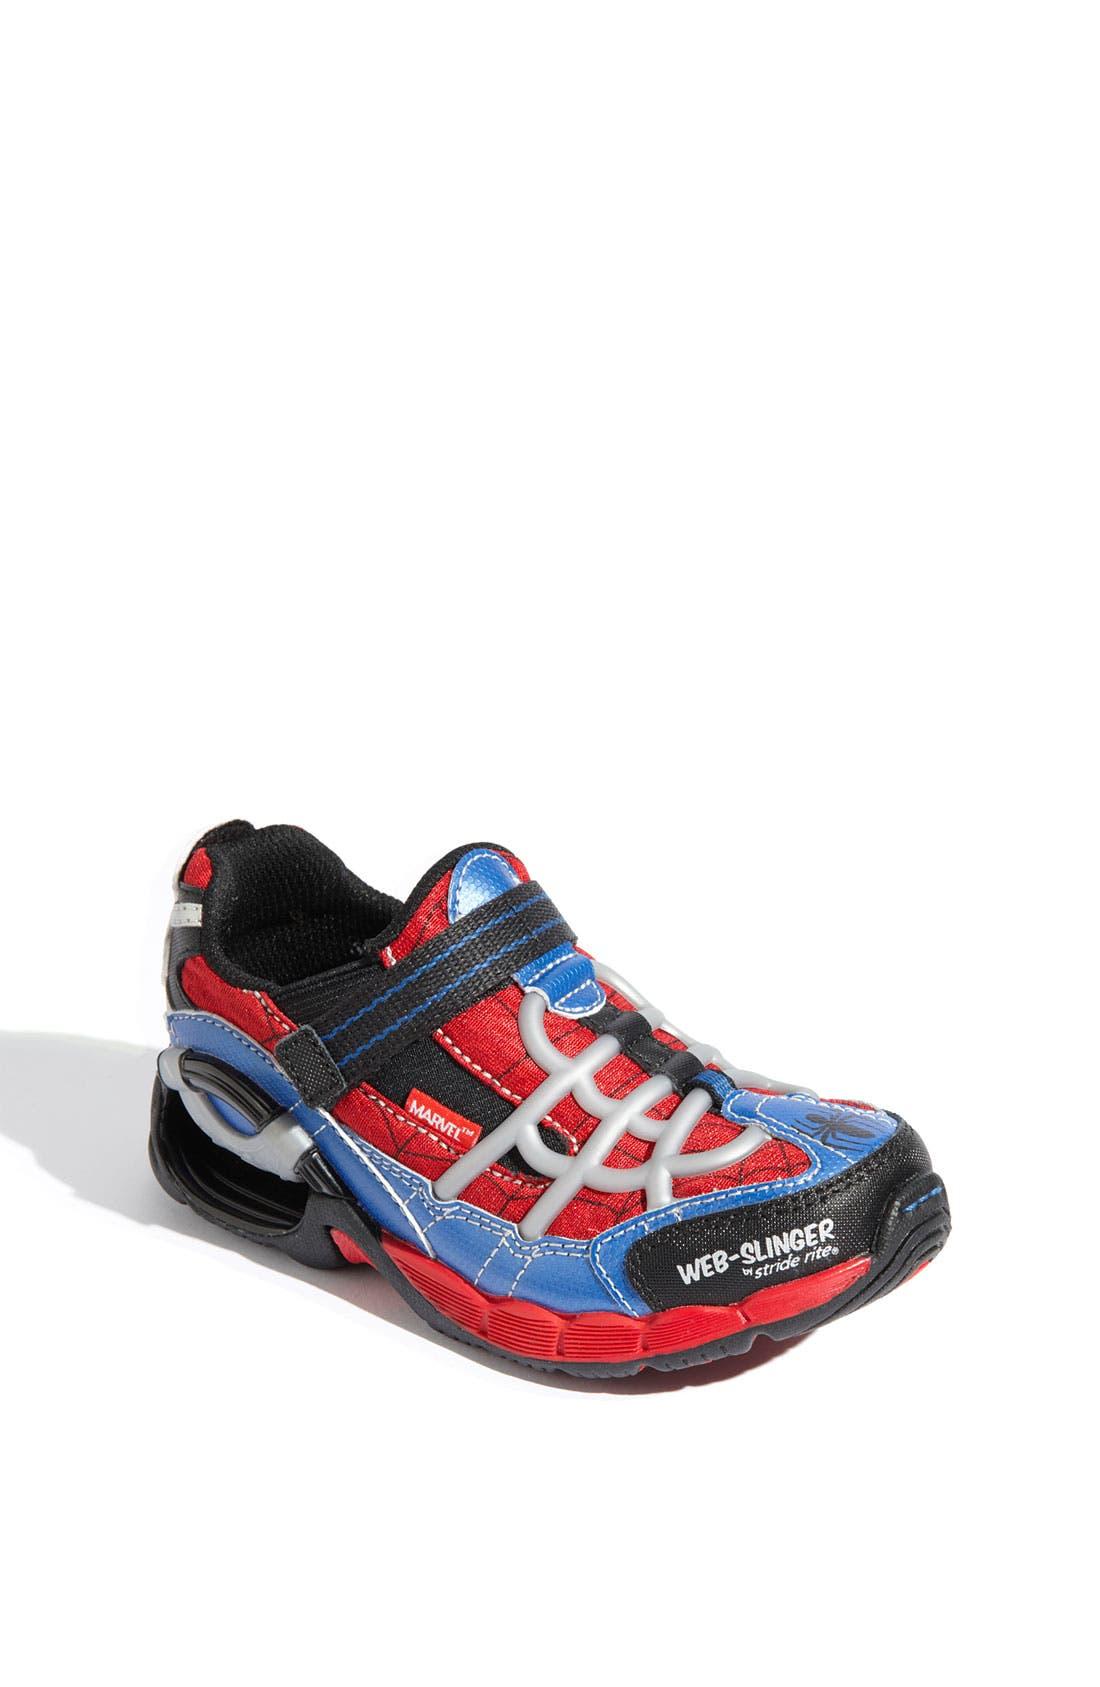 Alternate Image 1 Selected - Stride Rite 'Web Slinger' Sneaker (Toddler & Little Kid)